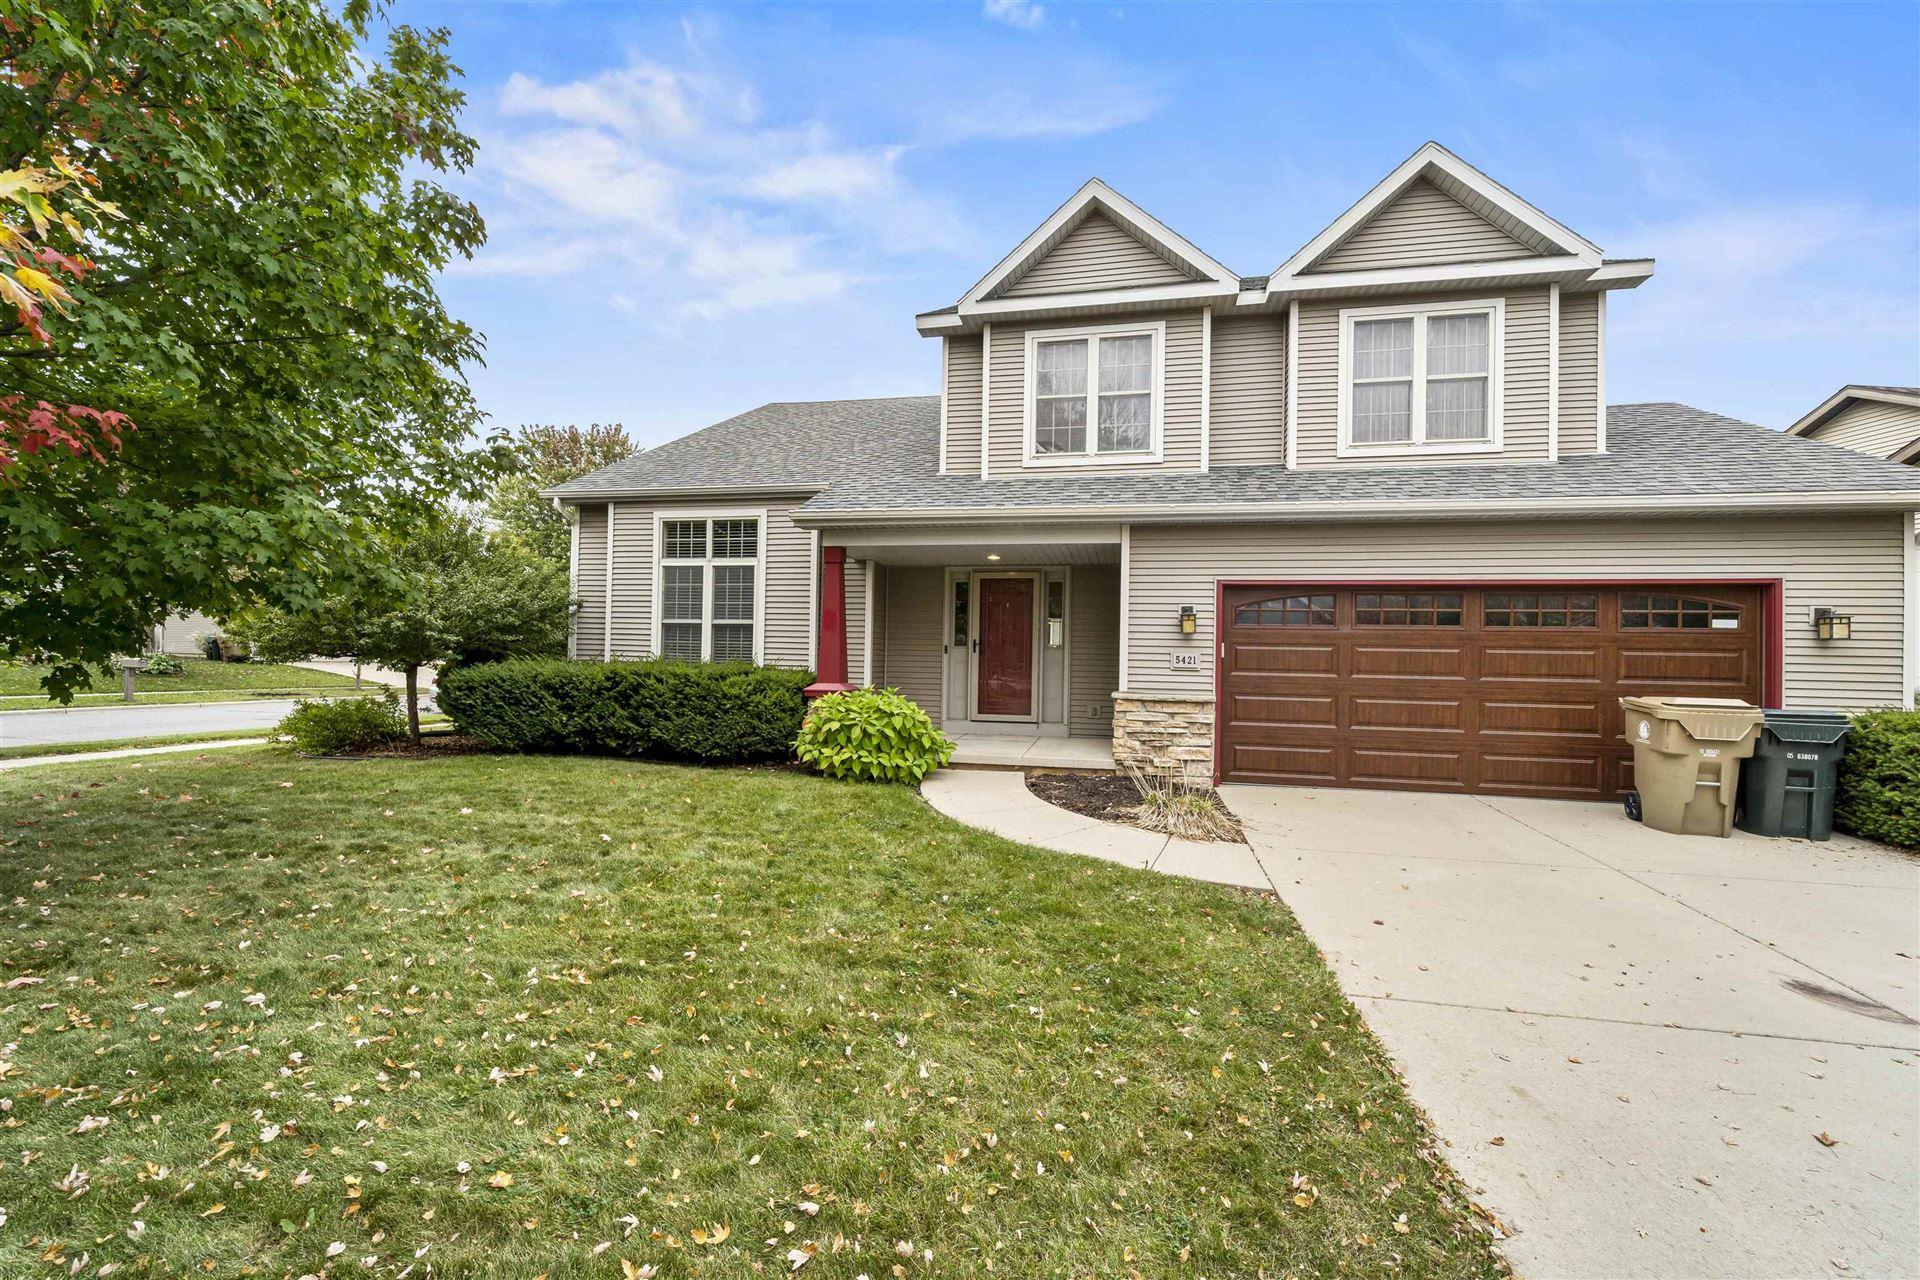 5421 Golden Leaf Tr, Madison, WI 53704 - #: 1921835